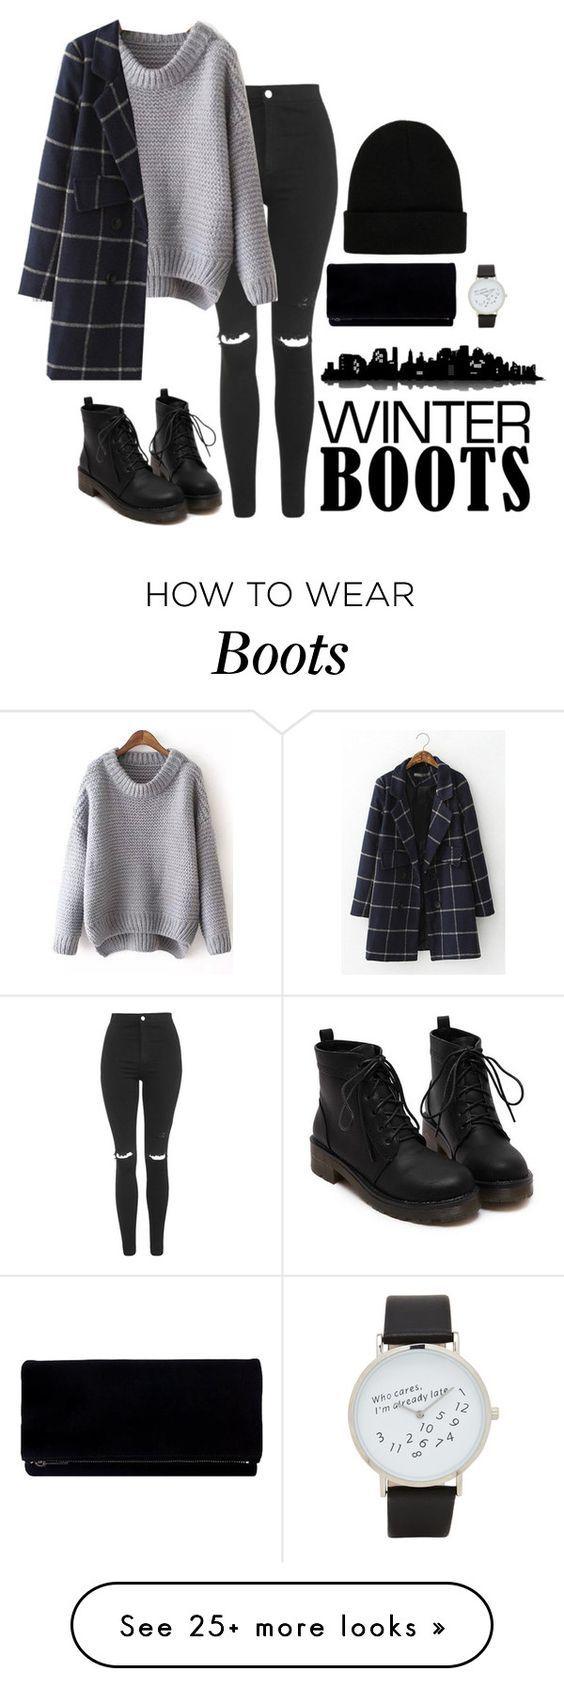 10 wunderschöne Möglichkeiten, einen Pullover für den Herbst zu stylen – Sweater Outfit Ideas